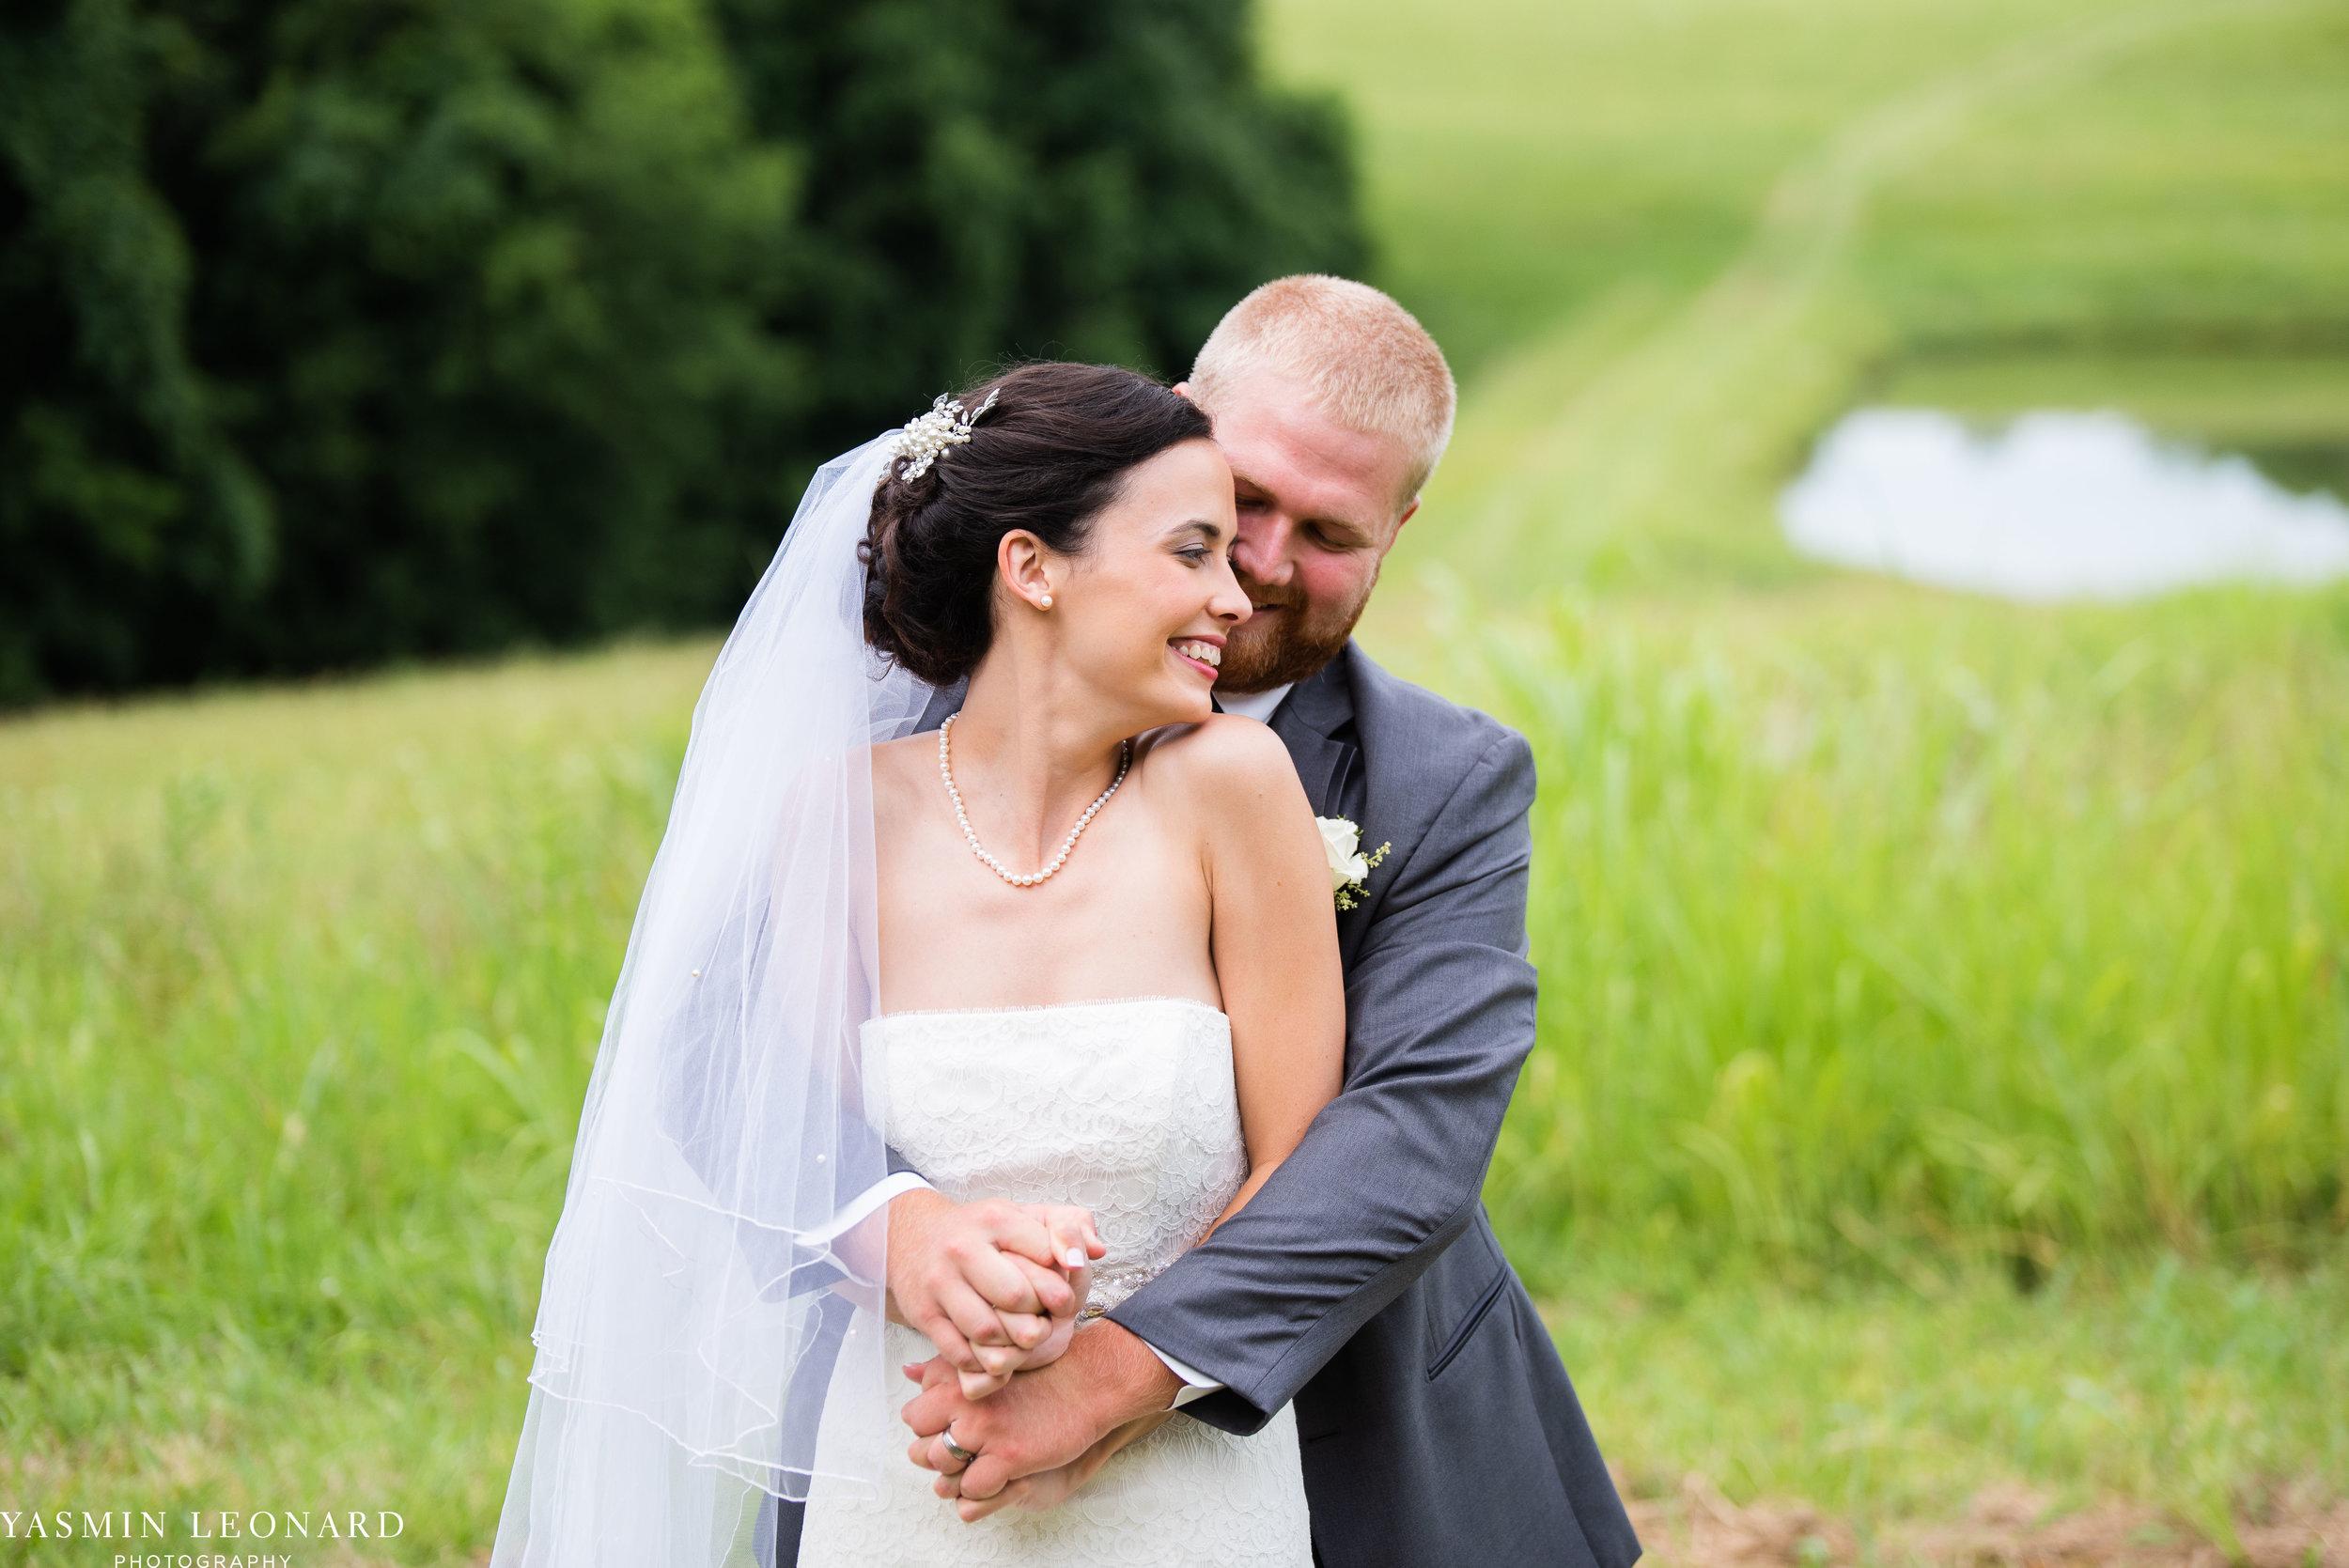 Mt. Pleasant Church - Church Wedding - Traditional Wedding - Church Ceremony - Country Wedding - Godly Wedding - NC Wedding Photographer - High Point Weddings - Triad Weddings - NC Venues-33.jpg